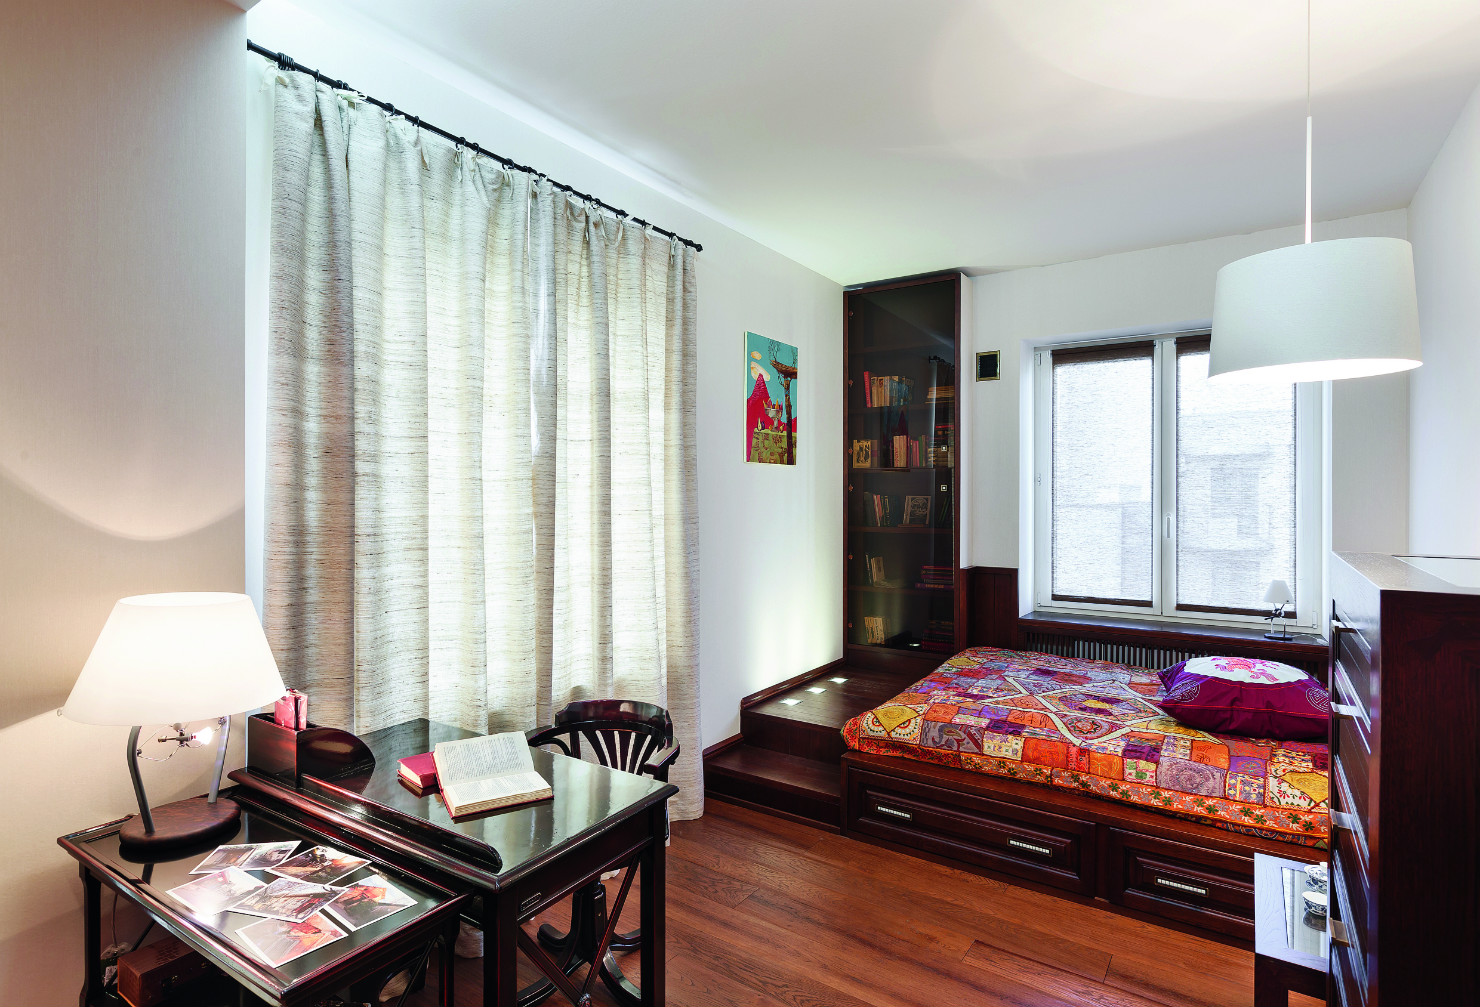 Кровать подиум в кабинете